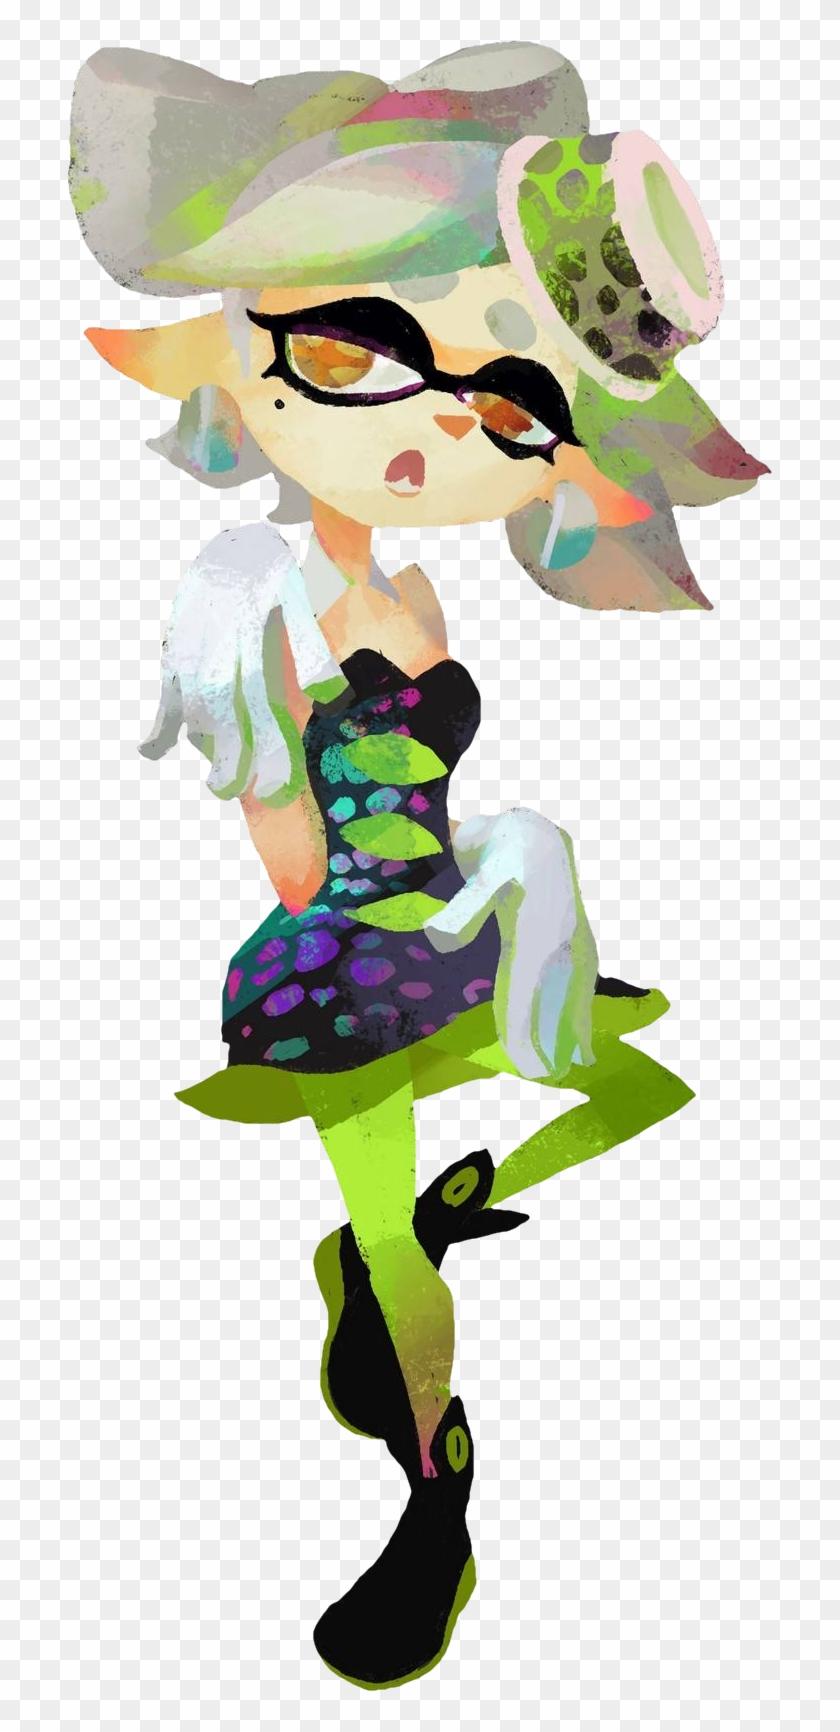 Marie Splatoon Gaming Splatoon 1 Squid Sisters Clipart